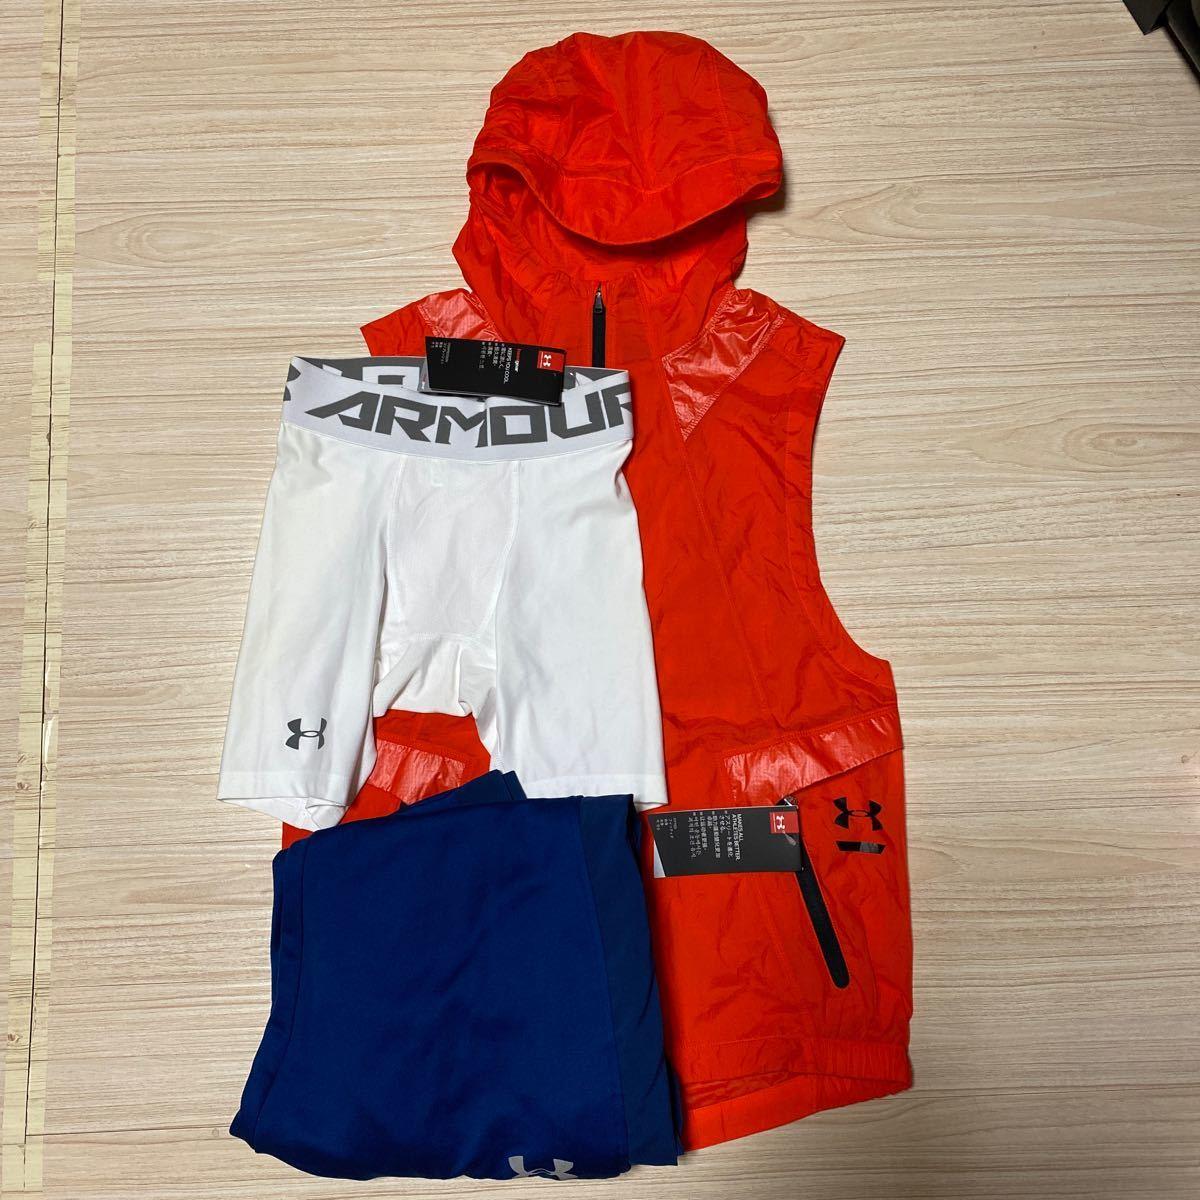 アンダーアーマー コンプレッションシャツ、他 4枚セット(おまけ付き)